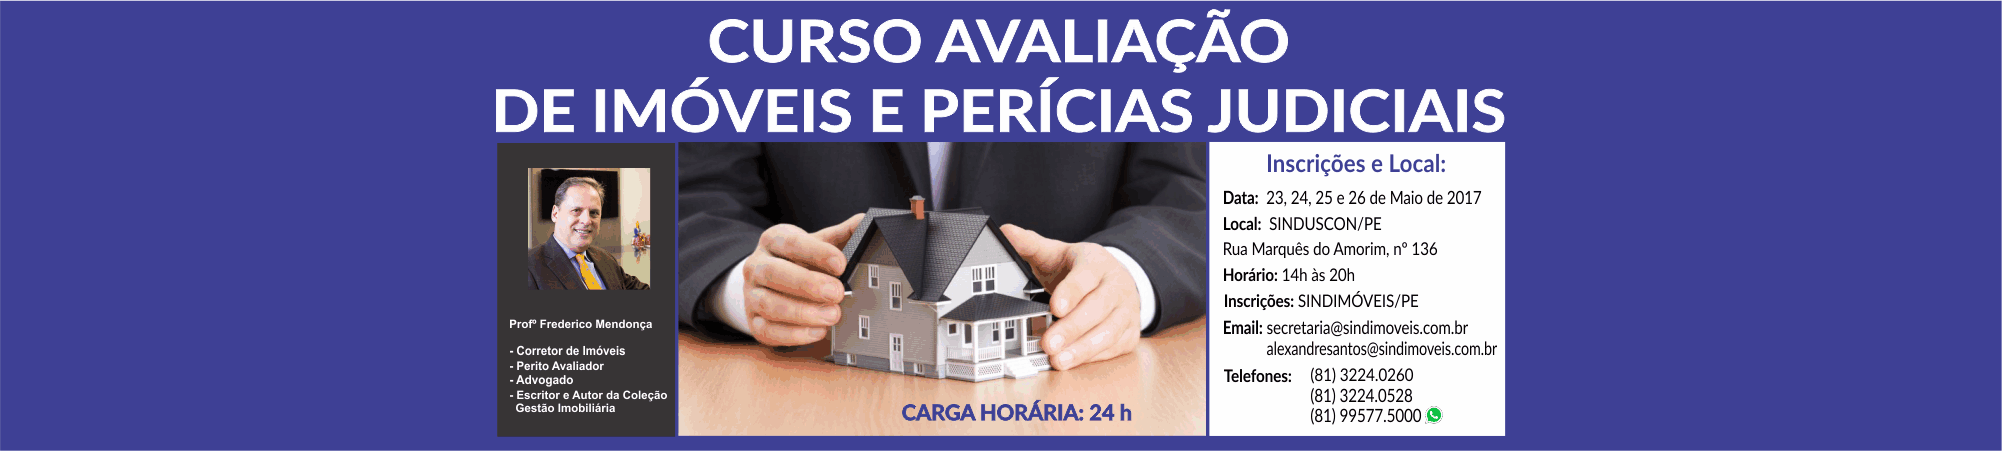 SLIDE2-CURSO-DE-AVALIACAO